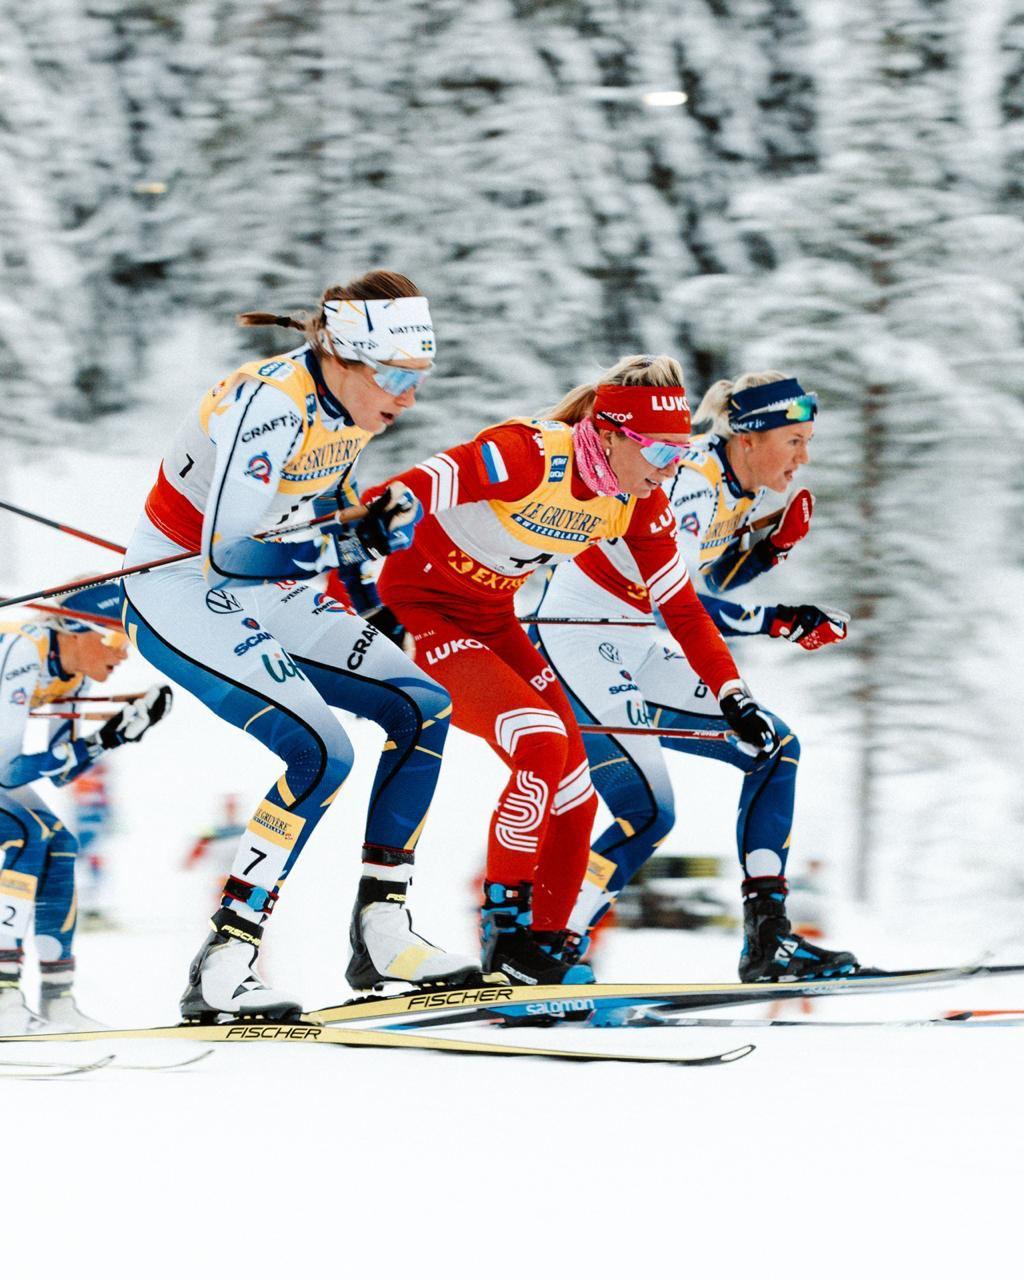 Моменты решающей схватки в гонке преследования на финальном старте мини-тура первого этапа Кубка мира в финской Руке